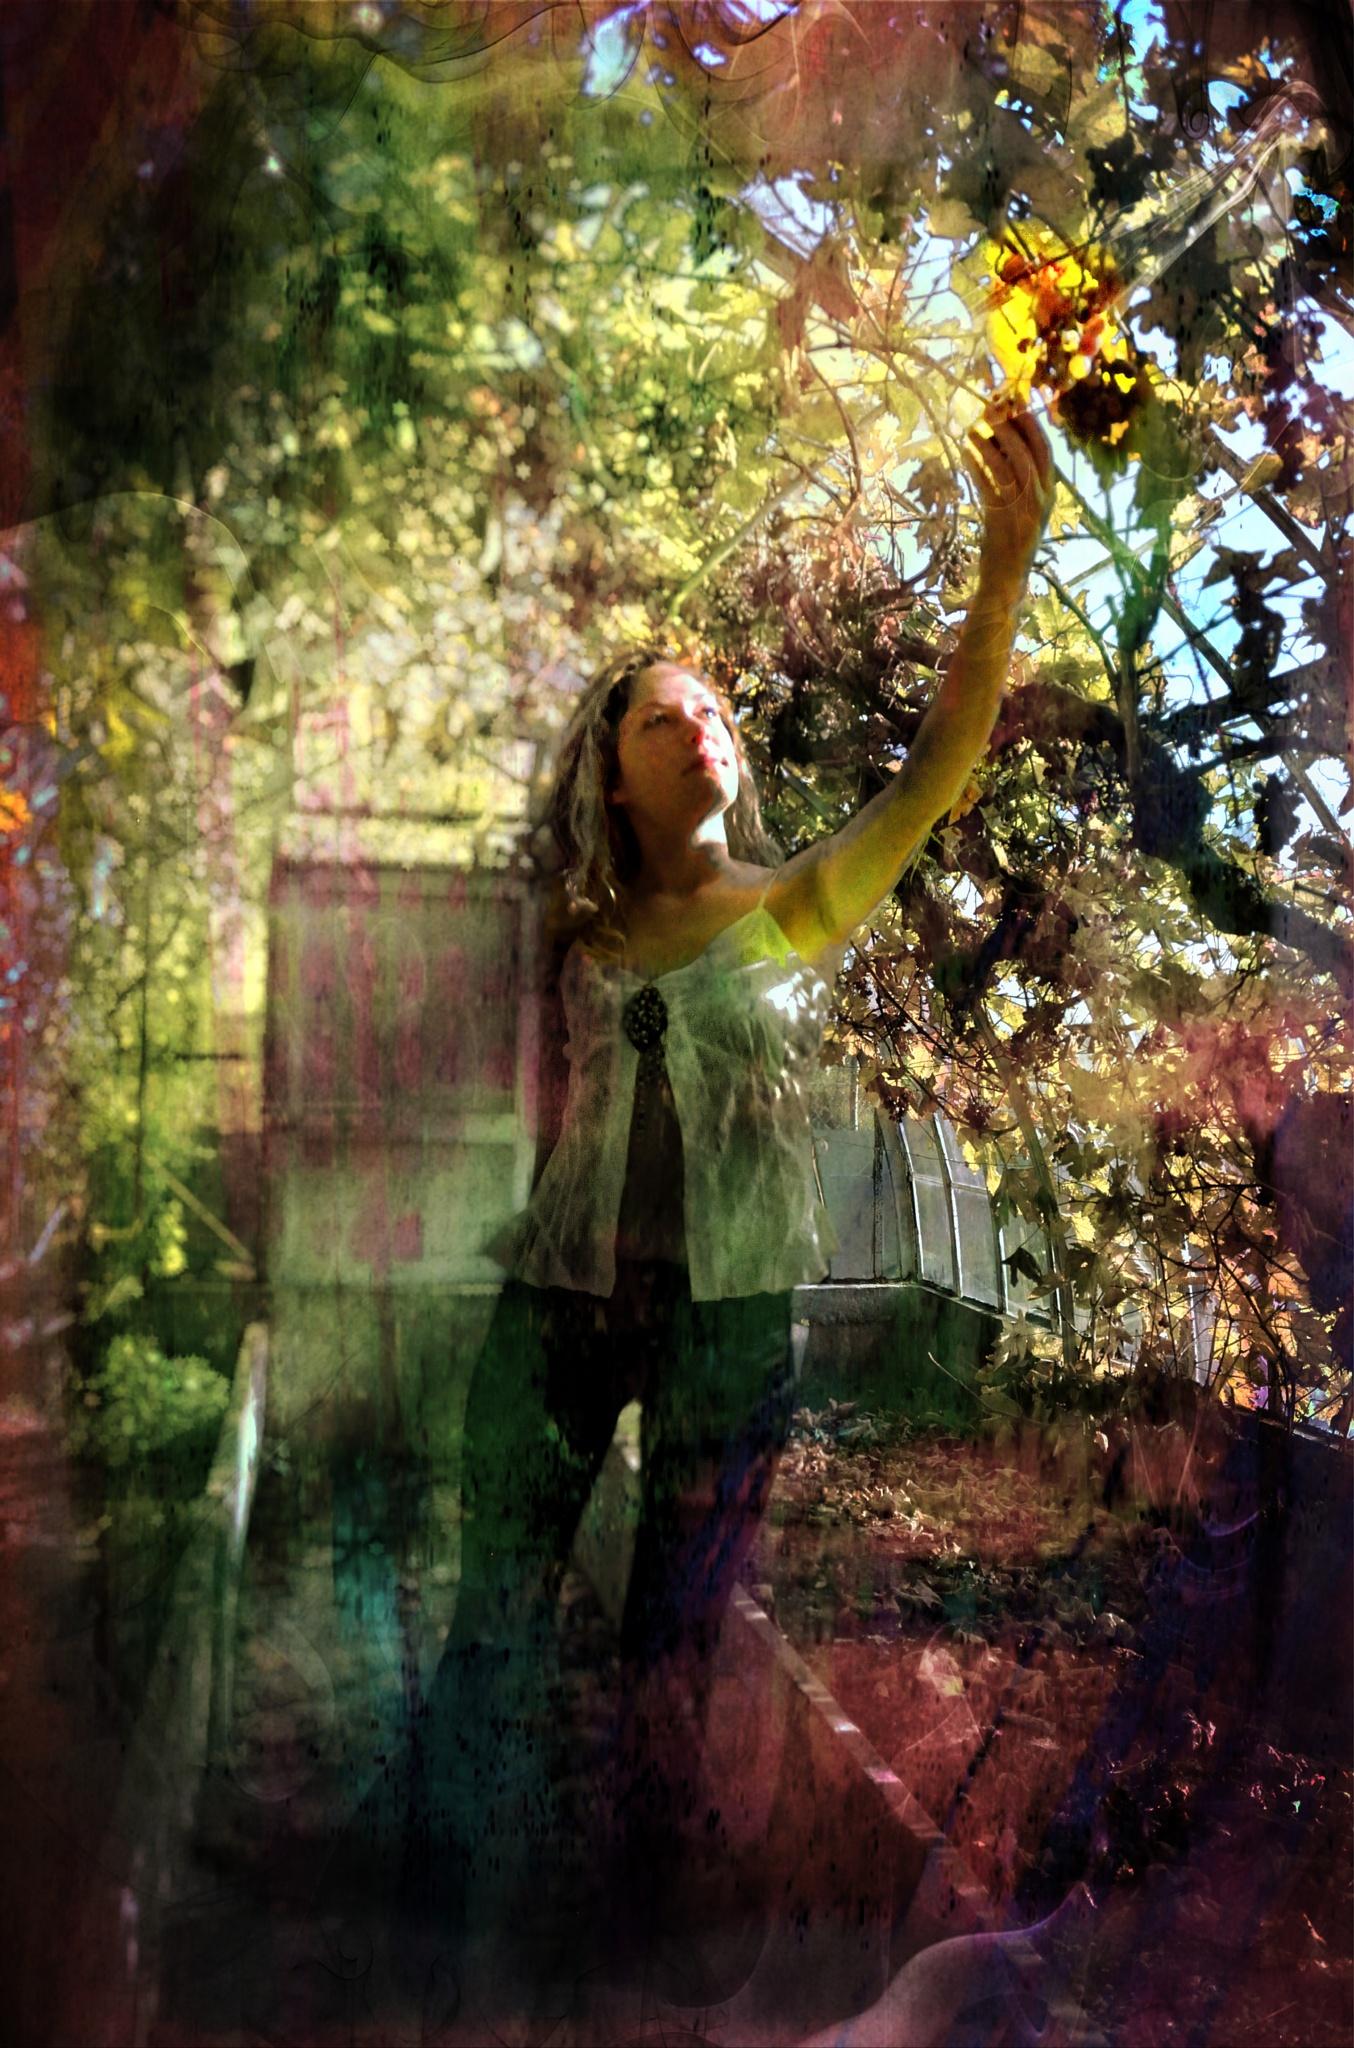 dreamy greenhouse by Pozofolio